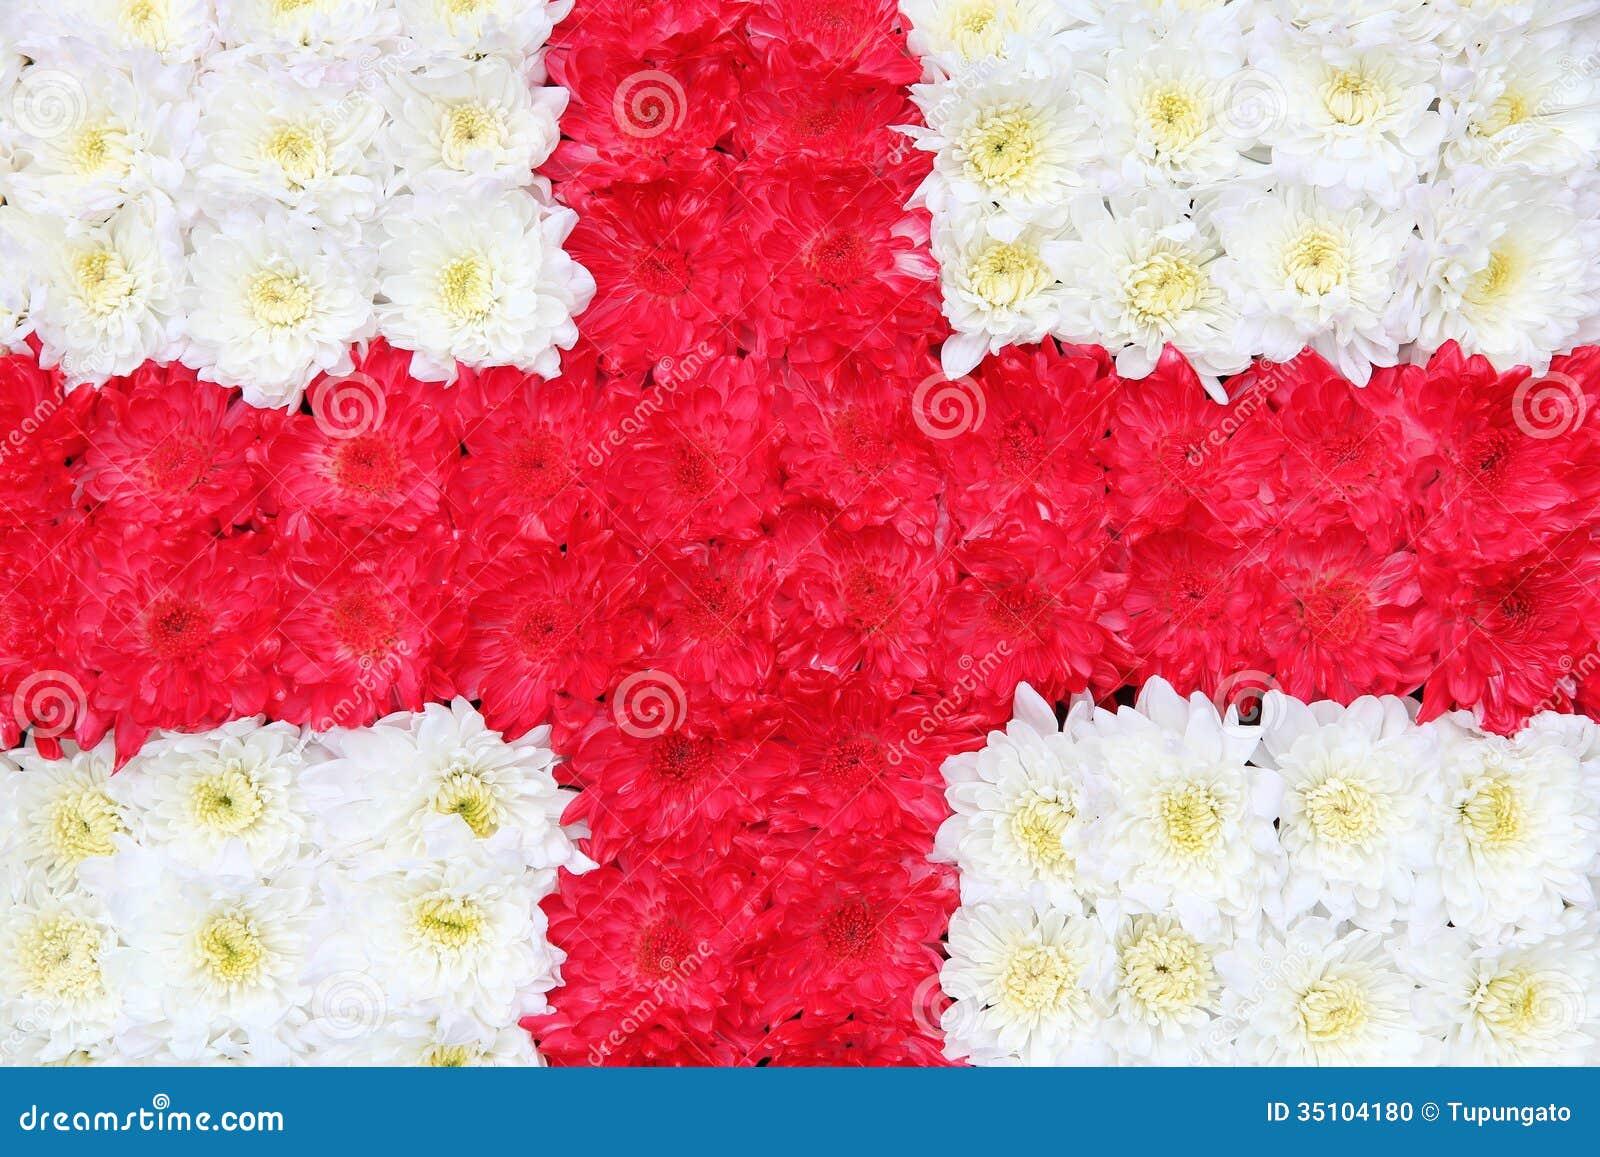 Flag Of England Stock Photo Image Of England Flag English 35104180